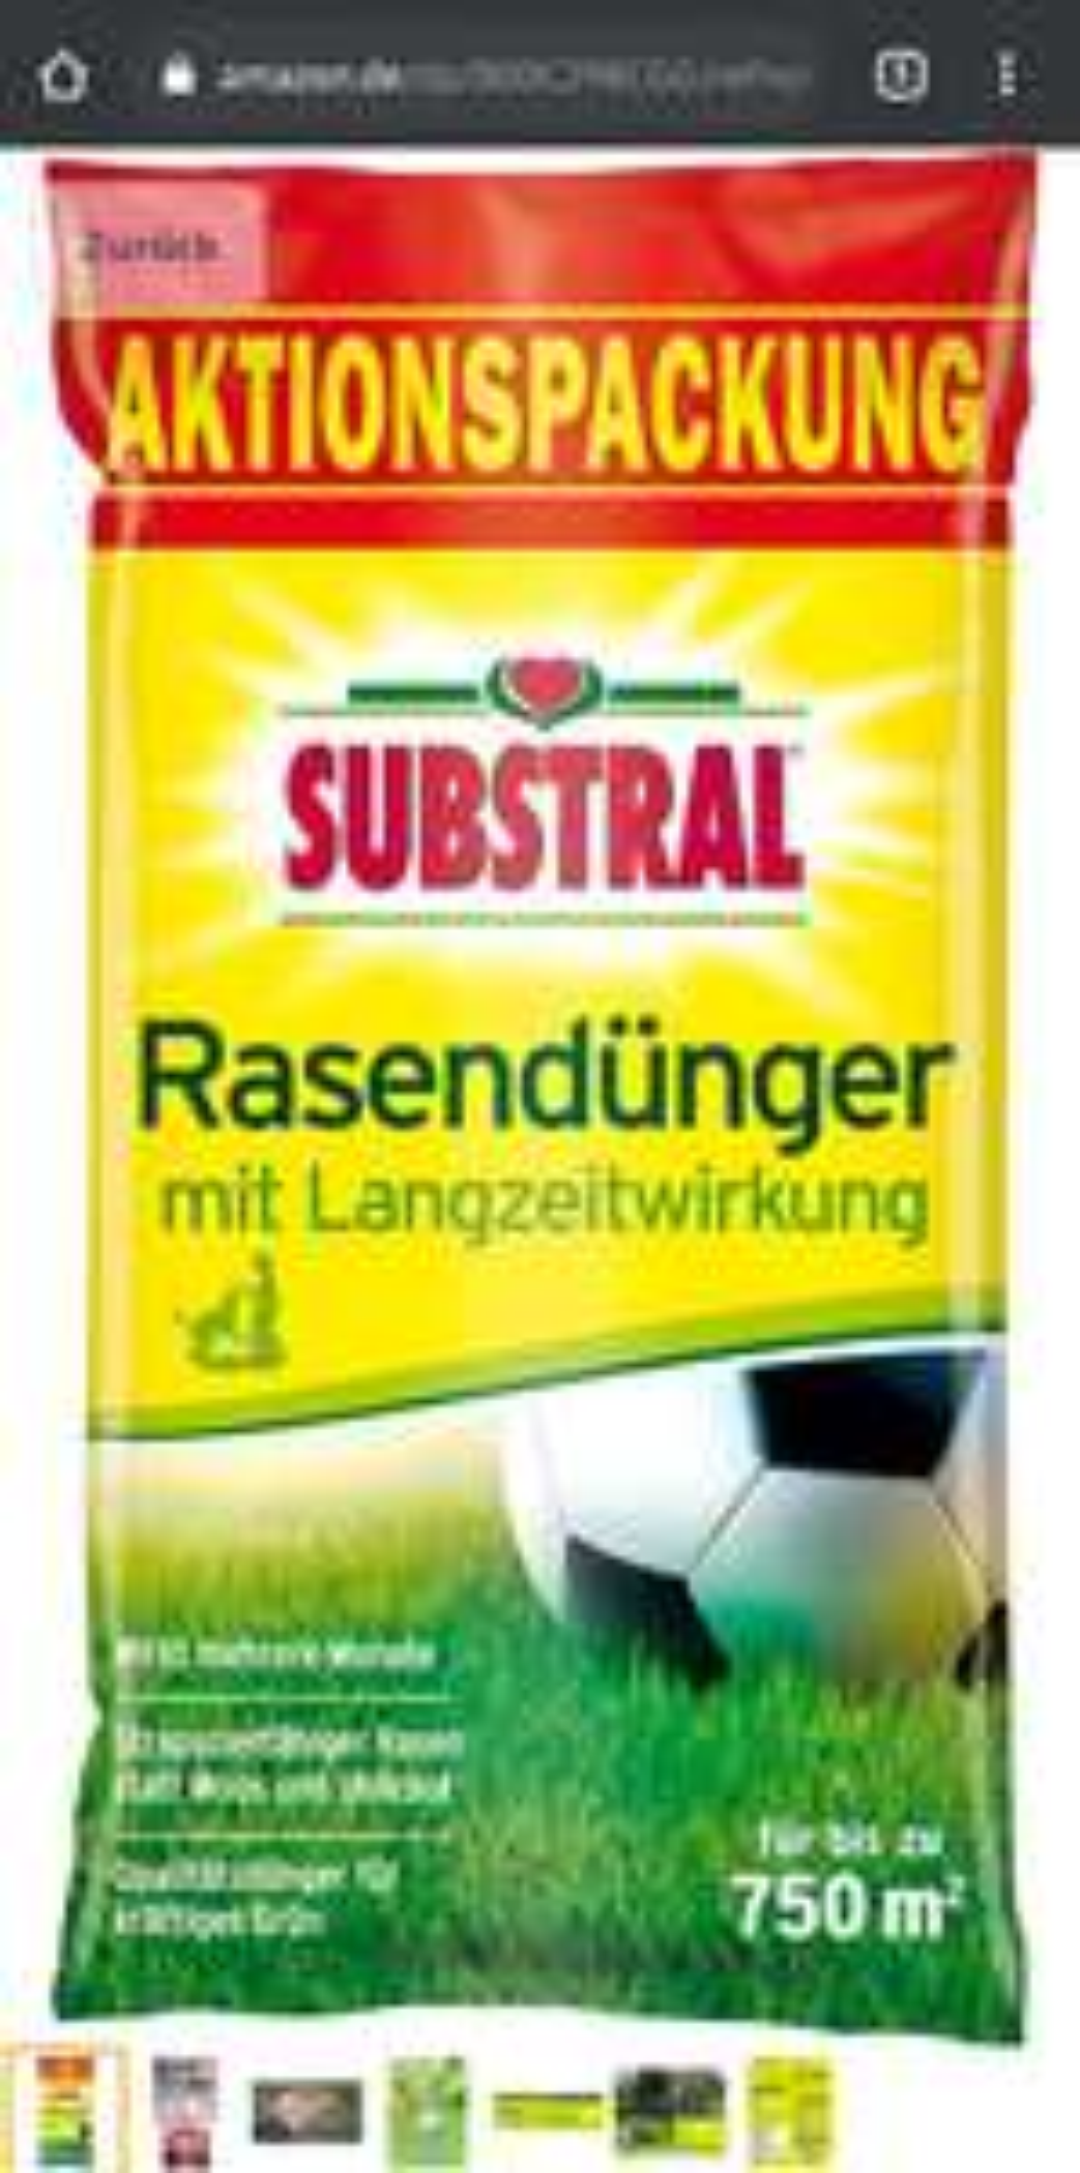 [Prime] Substral Rasendünger 15 kg für 750 m2 inkl. Gratisfußball